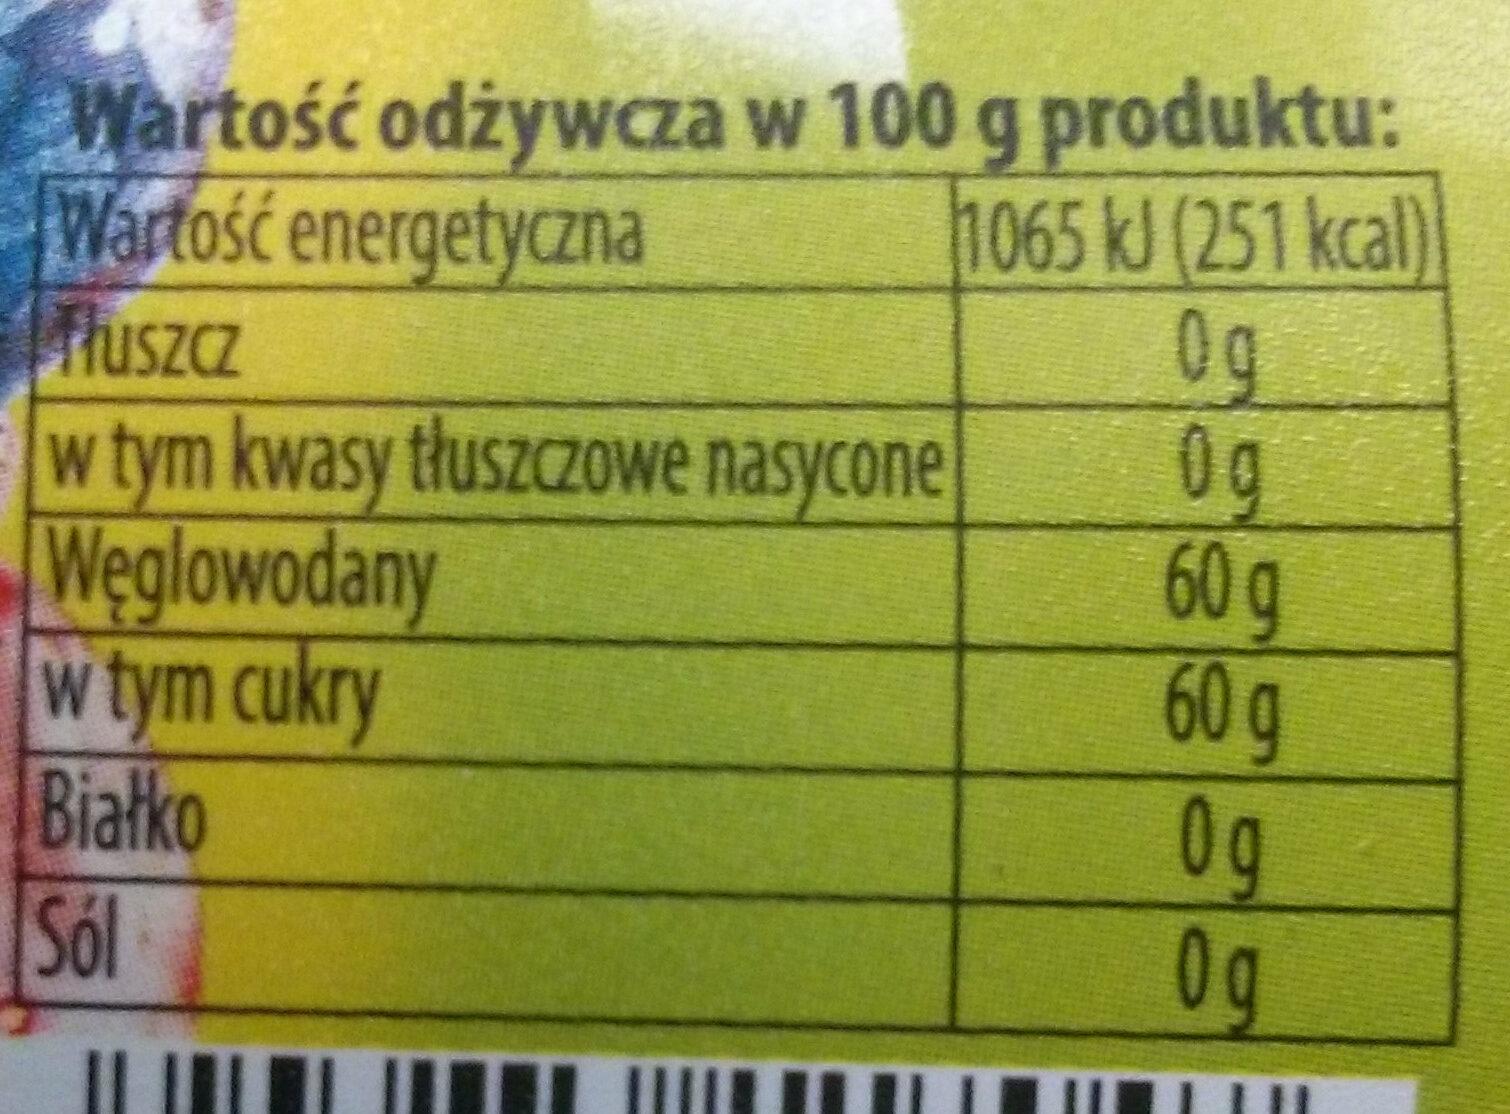 Marmolada wieloowocowa - Wartości odżywcze - pl